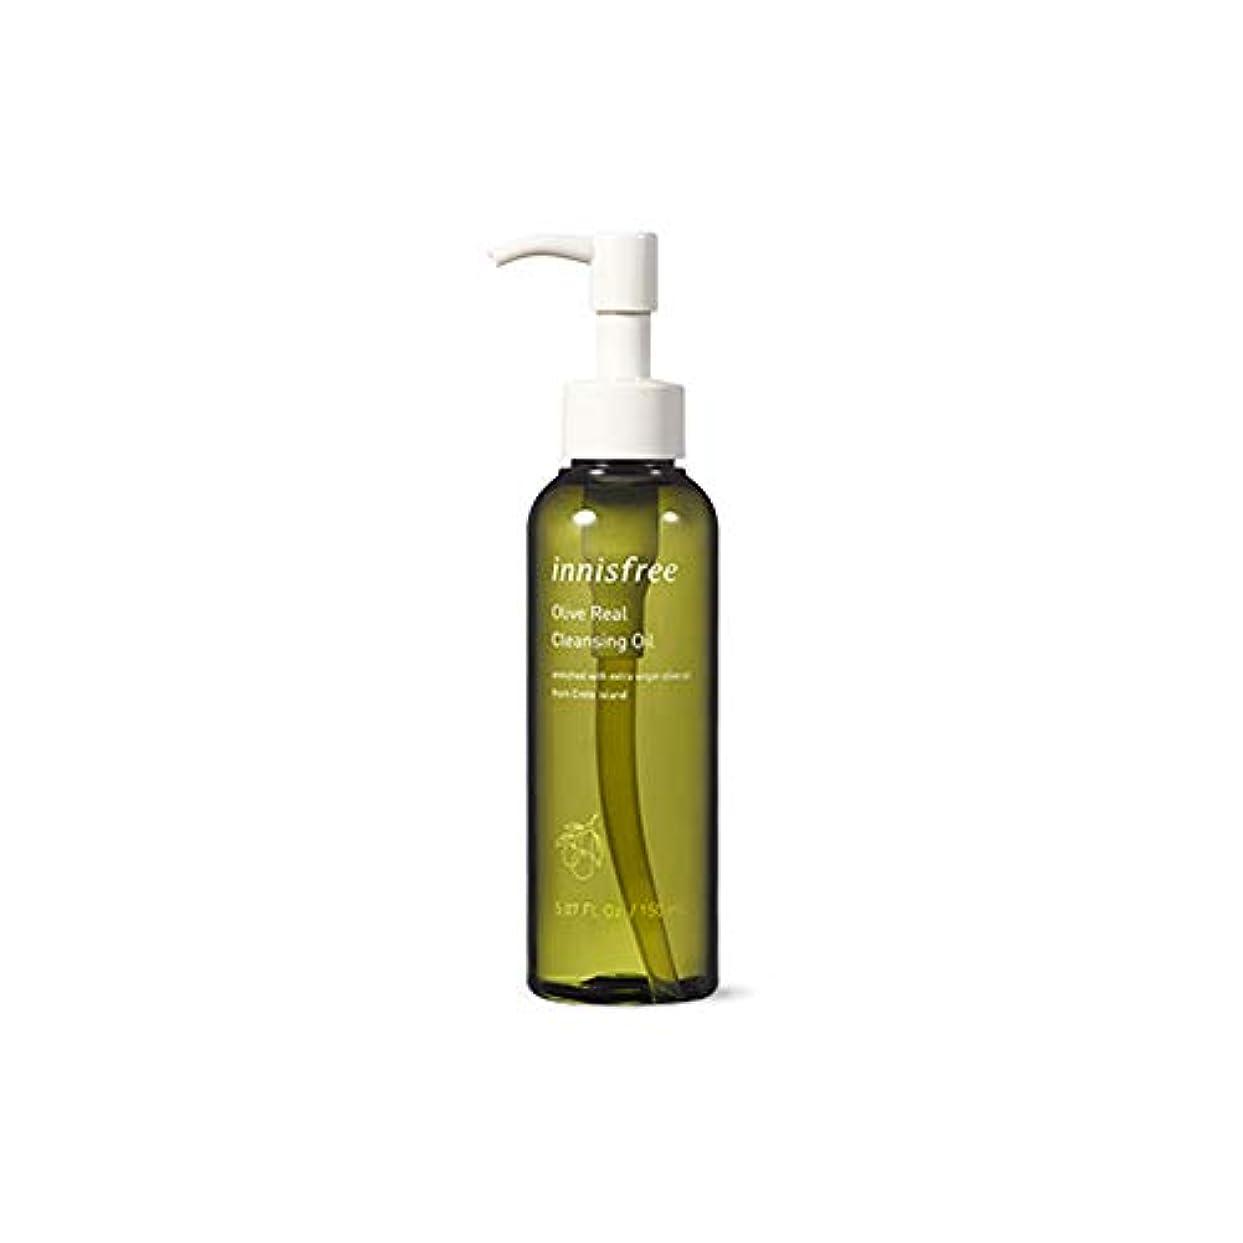 方法社交的パパイニスフリー Innisfreeオリーブ リアル クレンジング オイル(150ml) Innisfree Olive Real Cleansing Oil(150ml) [海外直送品]